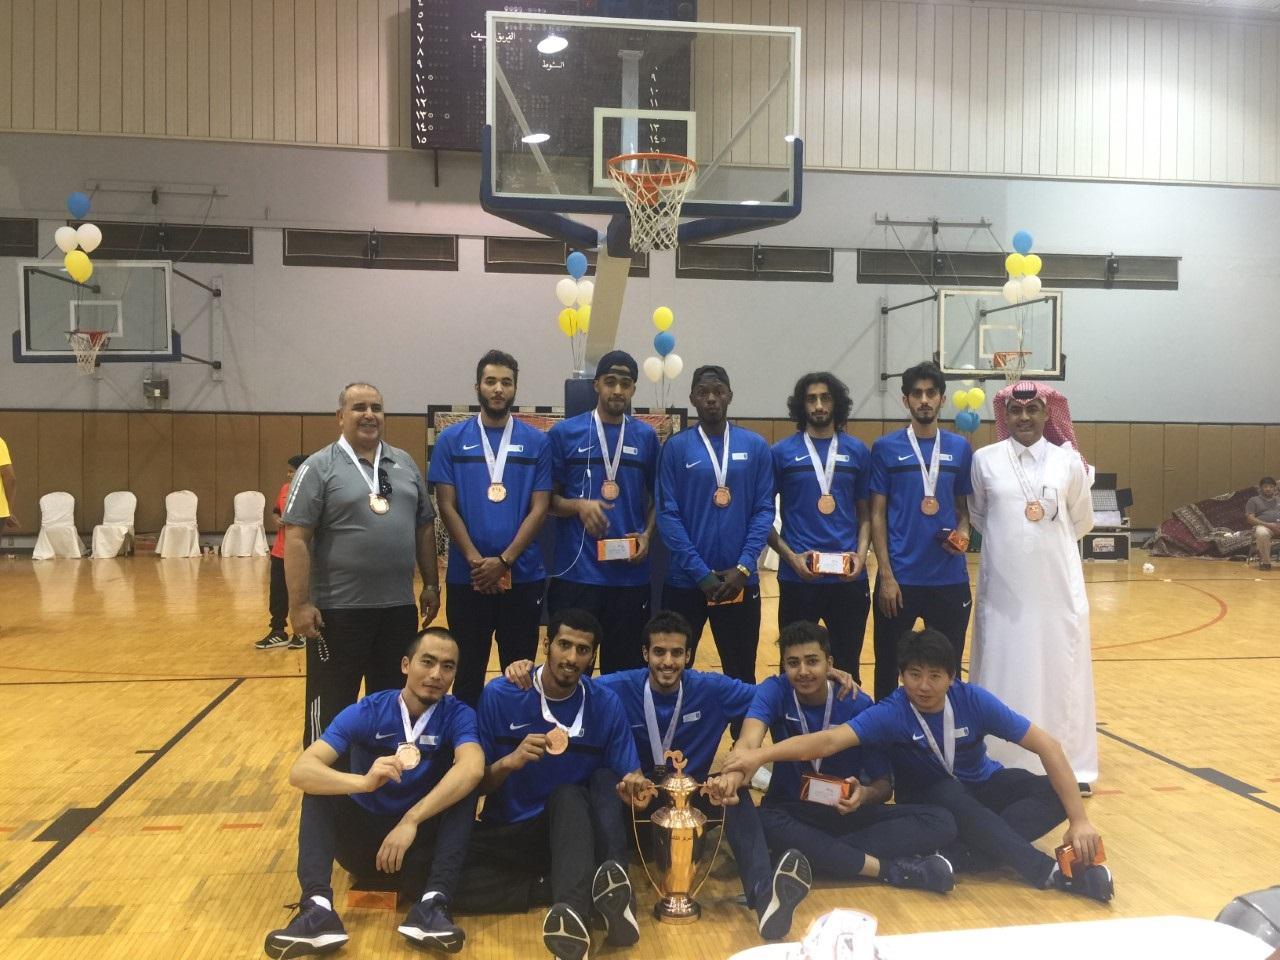 ضمن بطولة الاتحاد الرياضي للجامعات السعودية منتخب الجامعة لكرة السلة يحصد المركز الثالث